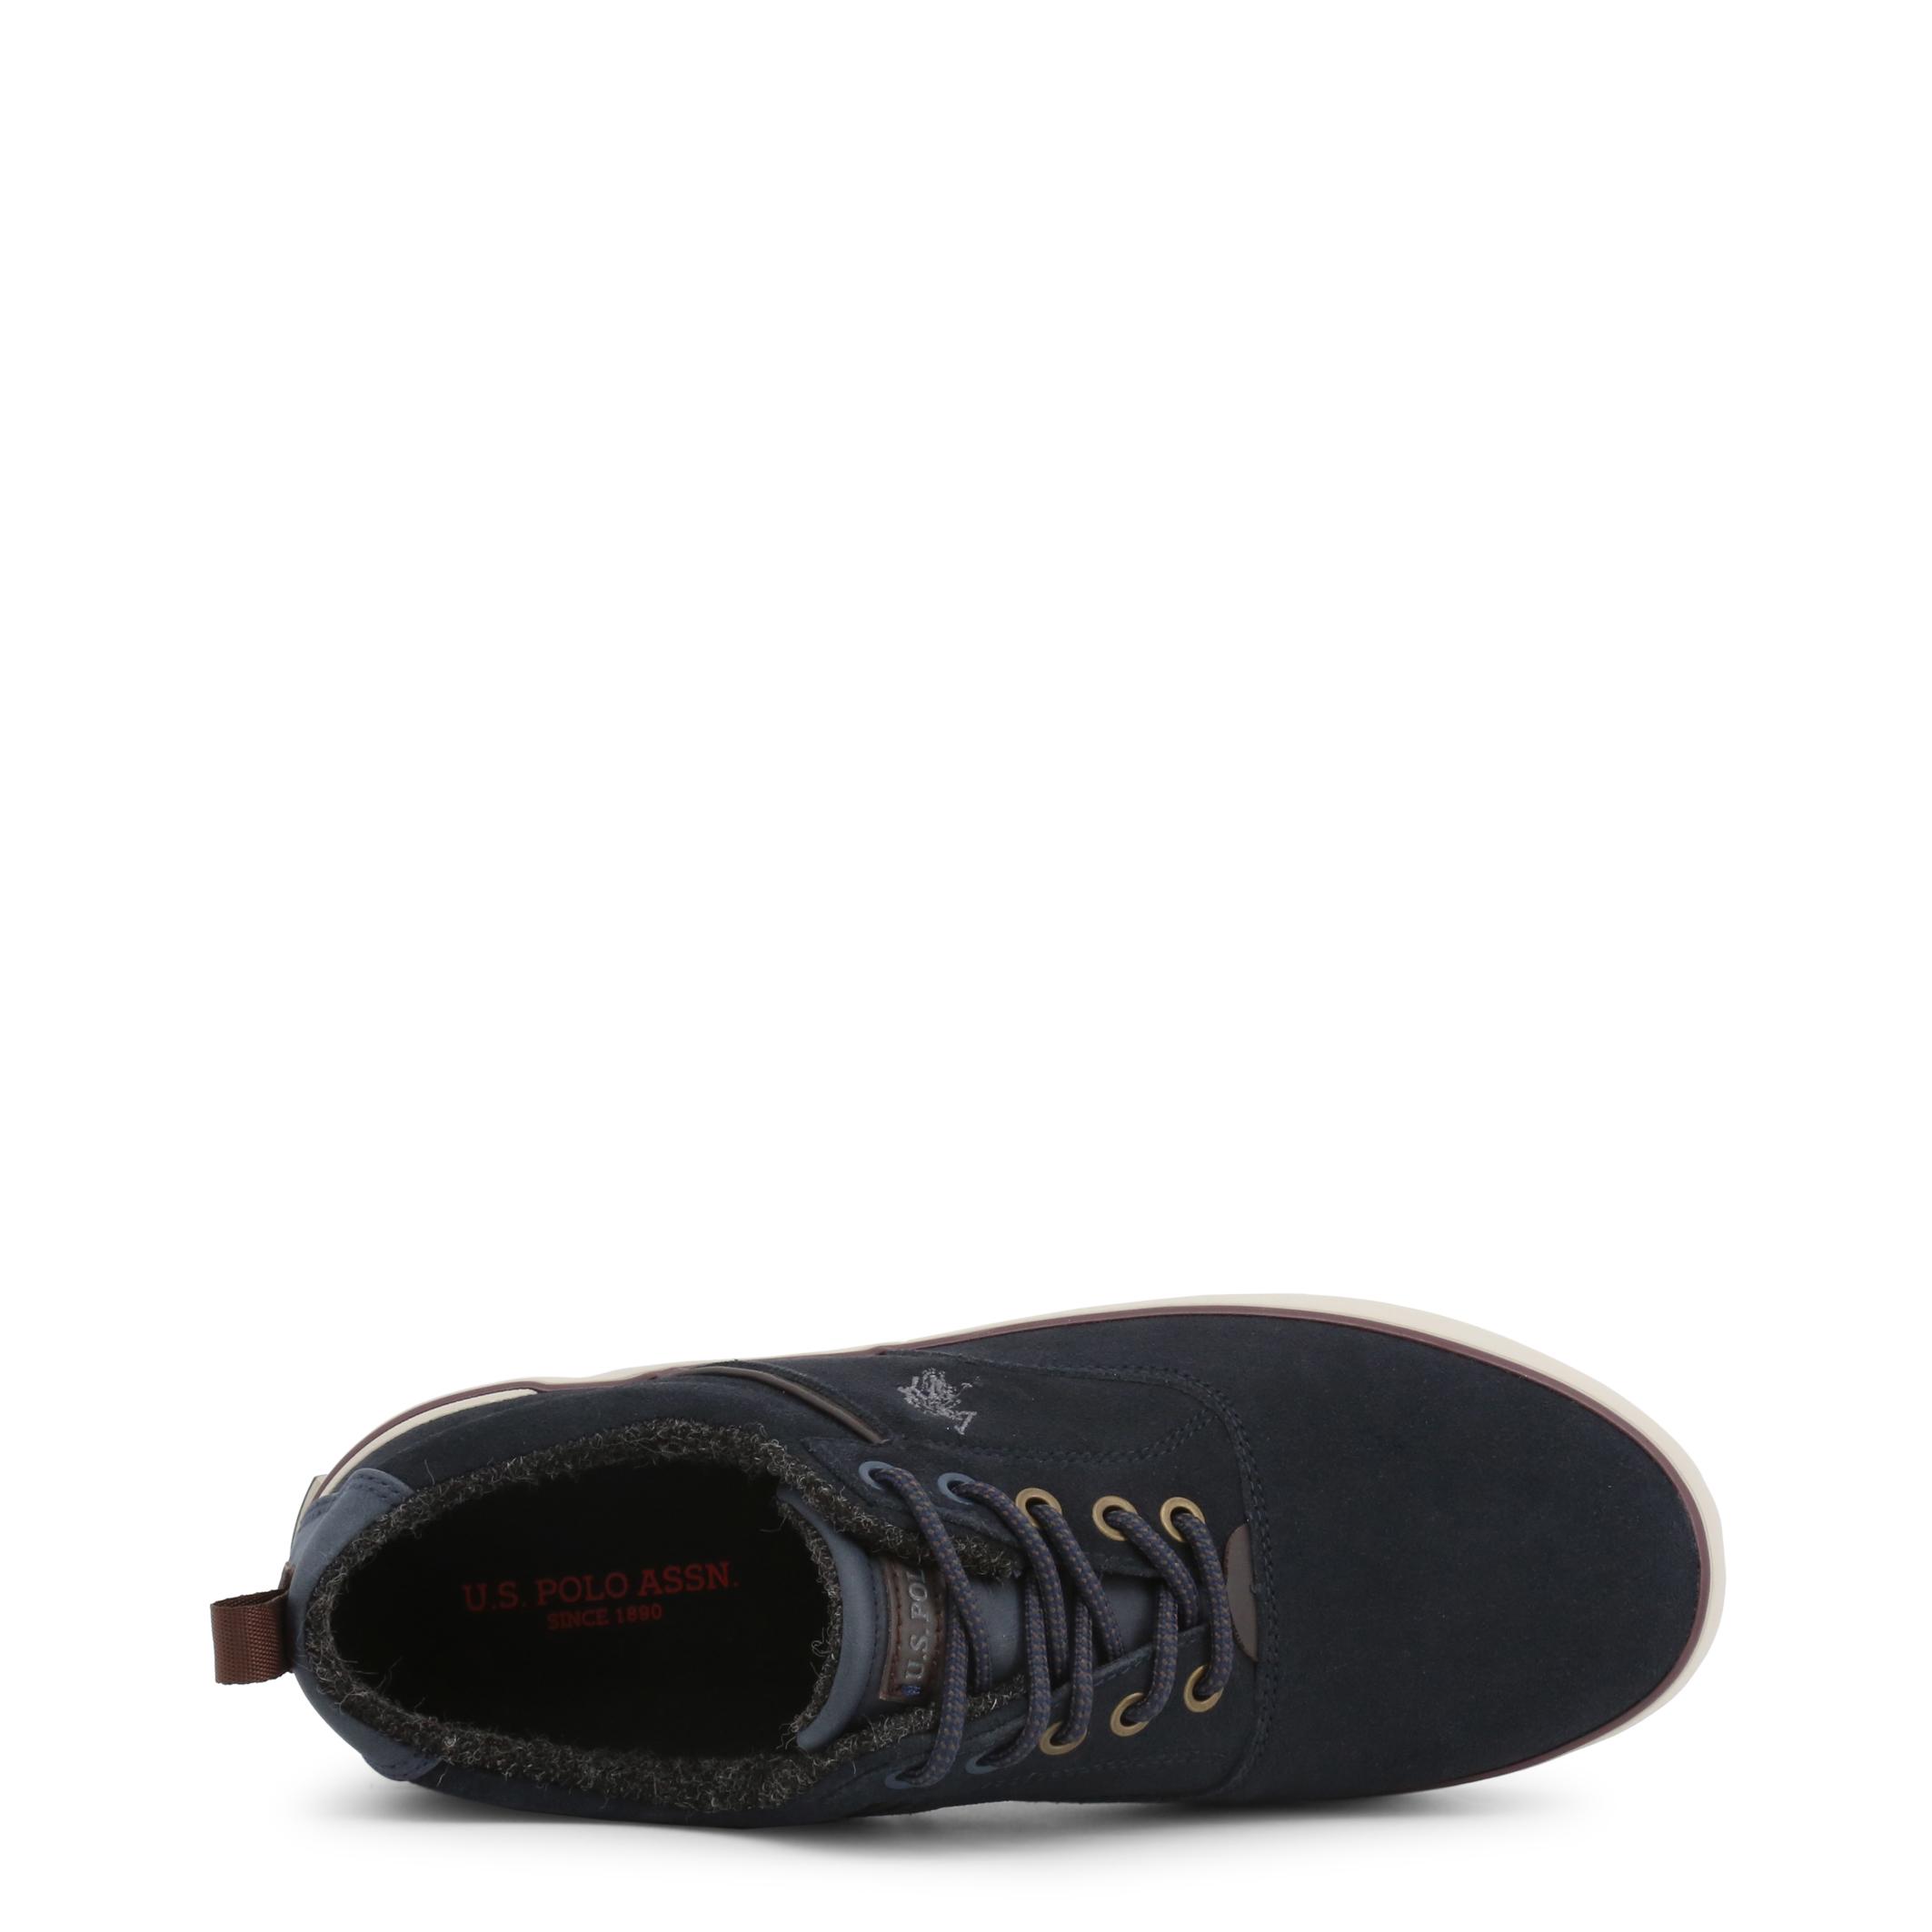 Chaussures de ville  U.S. Polo Assn. ANSON7106W9_S1_NAVY blue